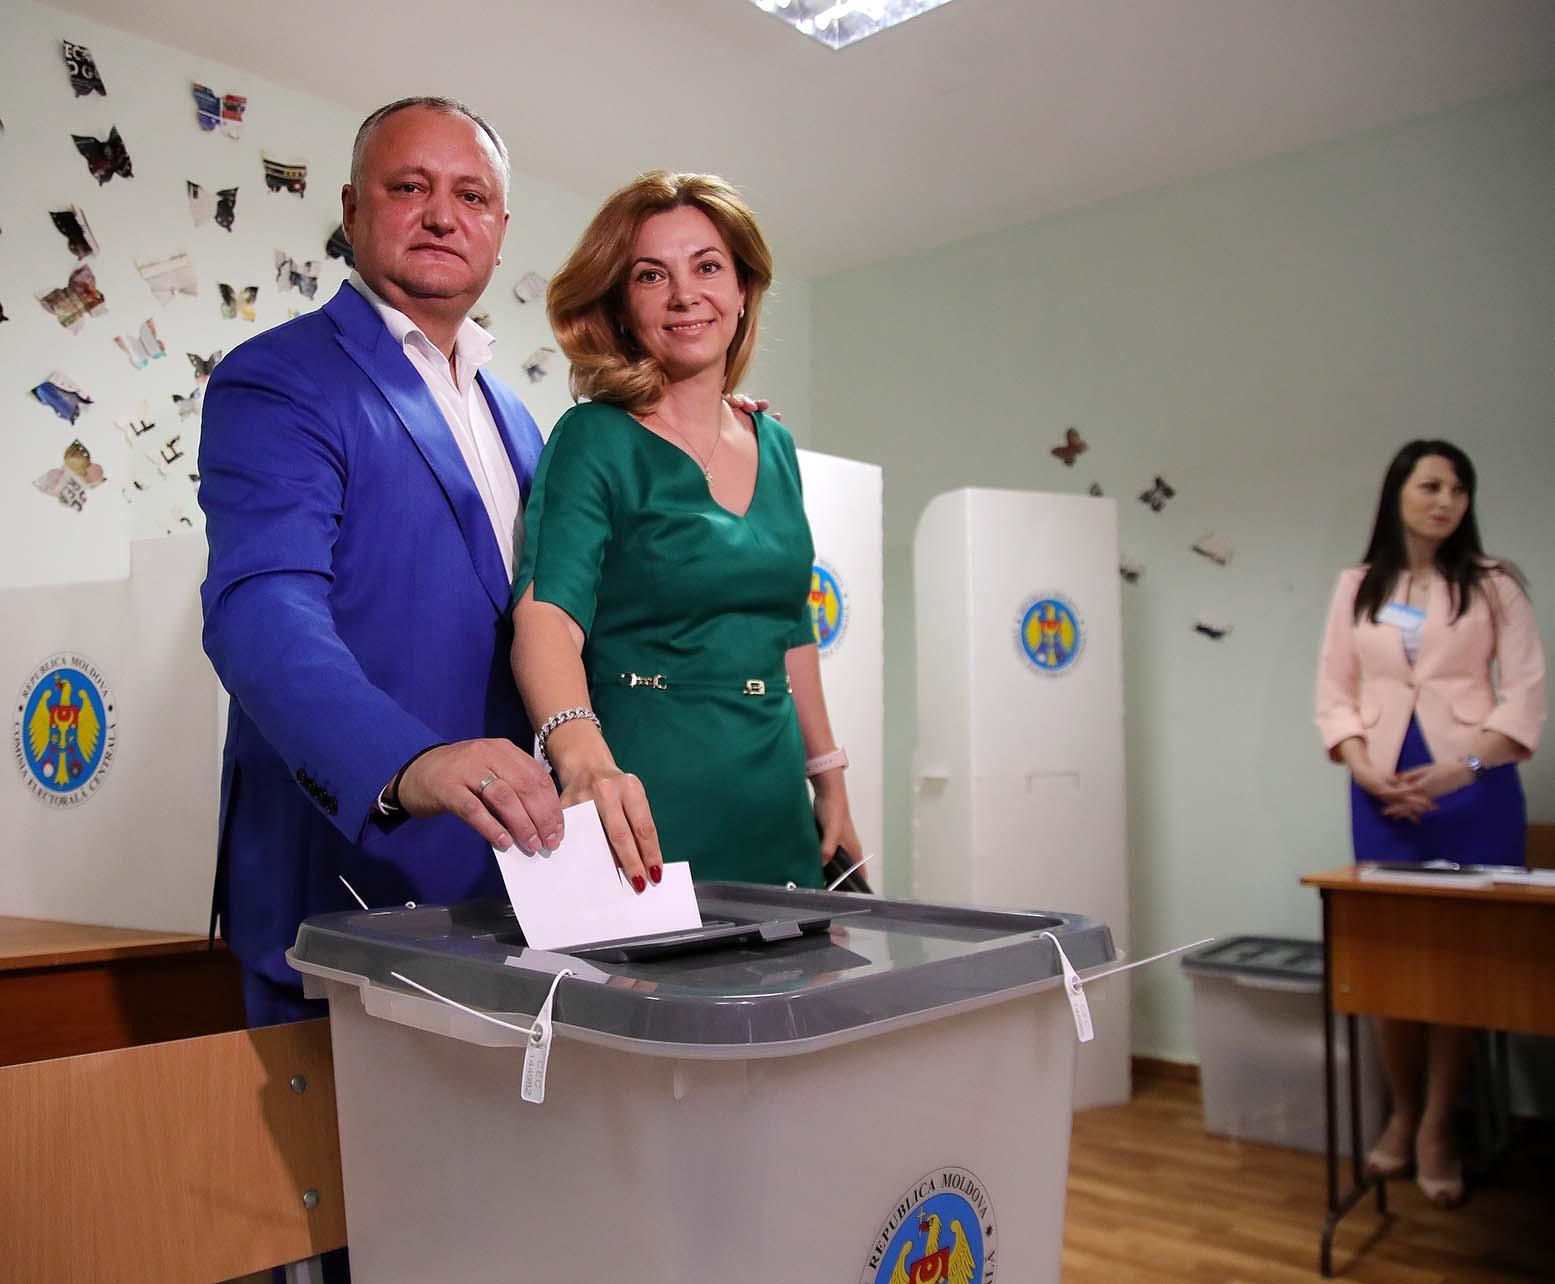 Додон призвал кишиневцев сделать выбор в пользу профессионализма, а не шоу и популизма (ВИДЕО)